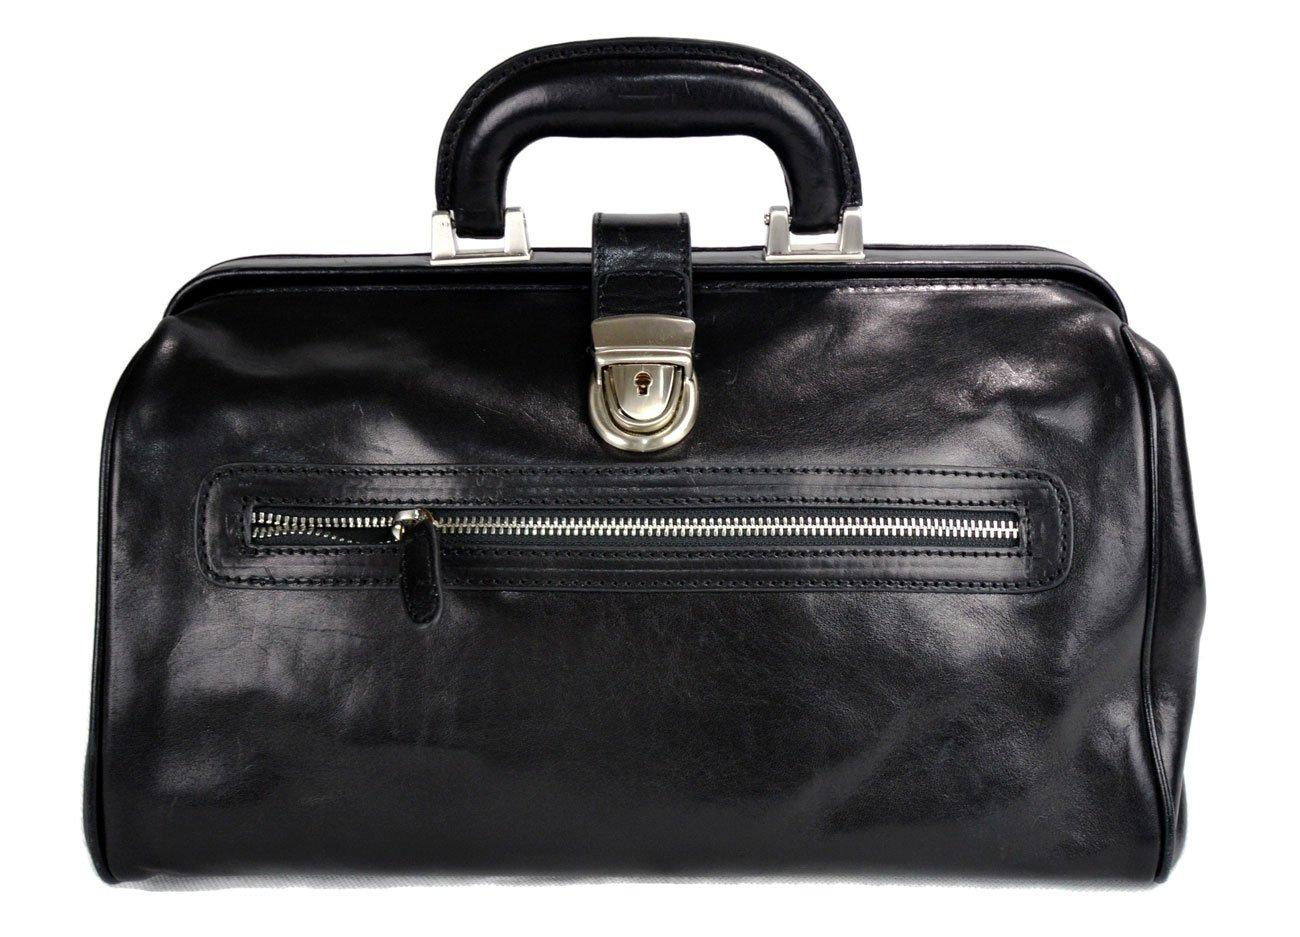 Leather doctor bag medical bag handbag ladies men leatherbag vintage medical bag retro doctor bag made in Italy luxury bag weekender black